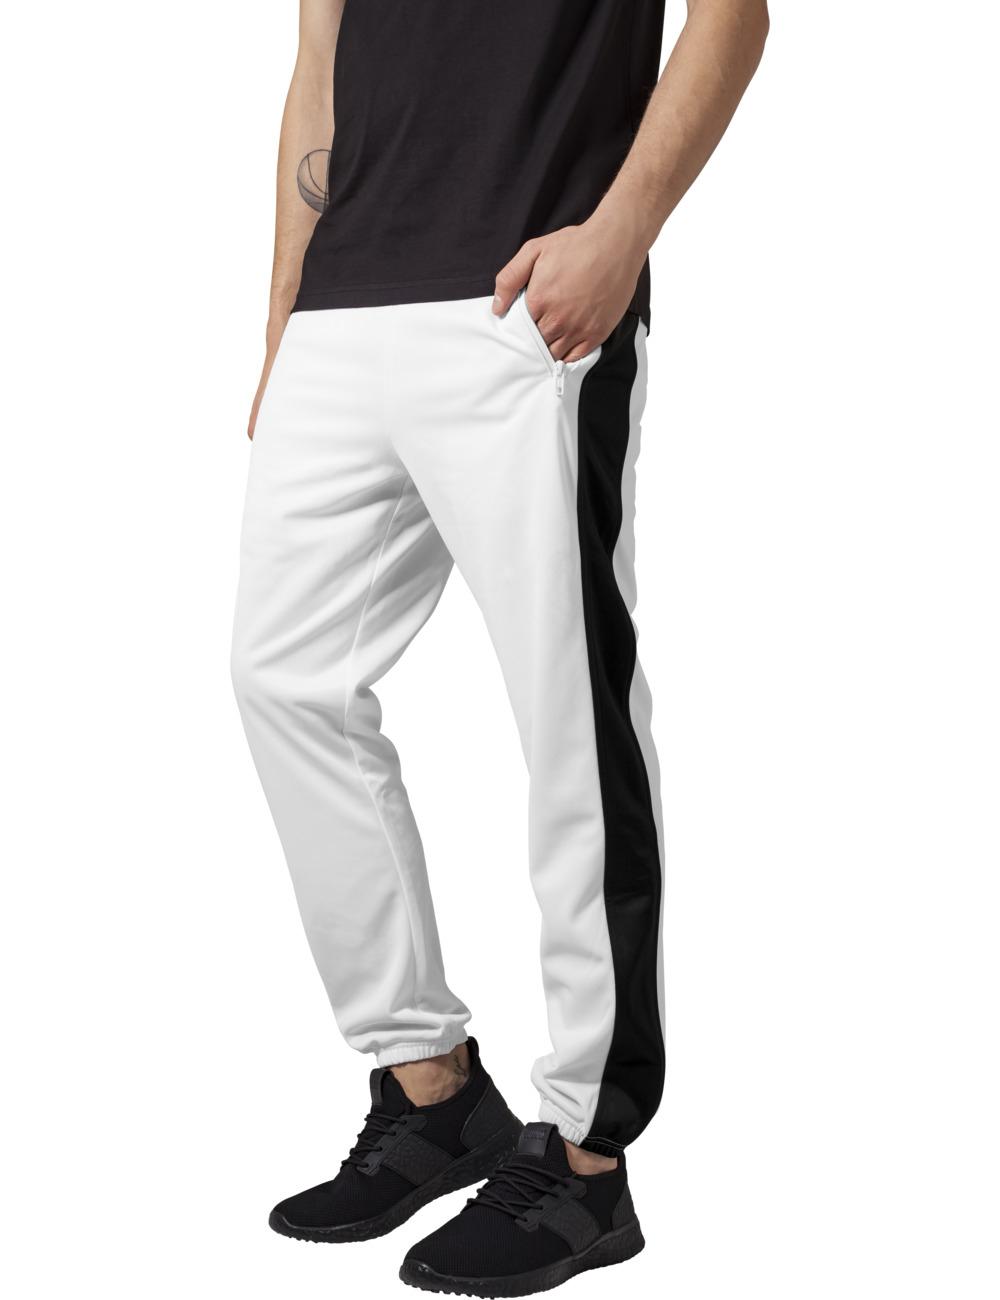 Urban Classics Herren Sweatpants Track XL, wht/blk (224)